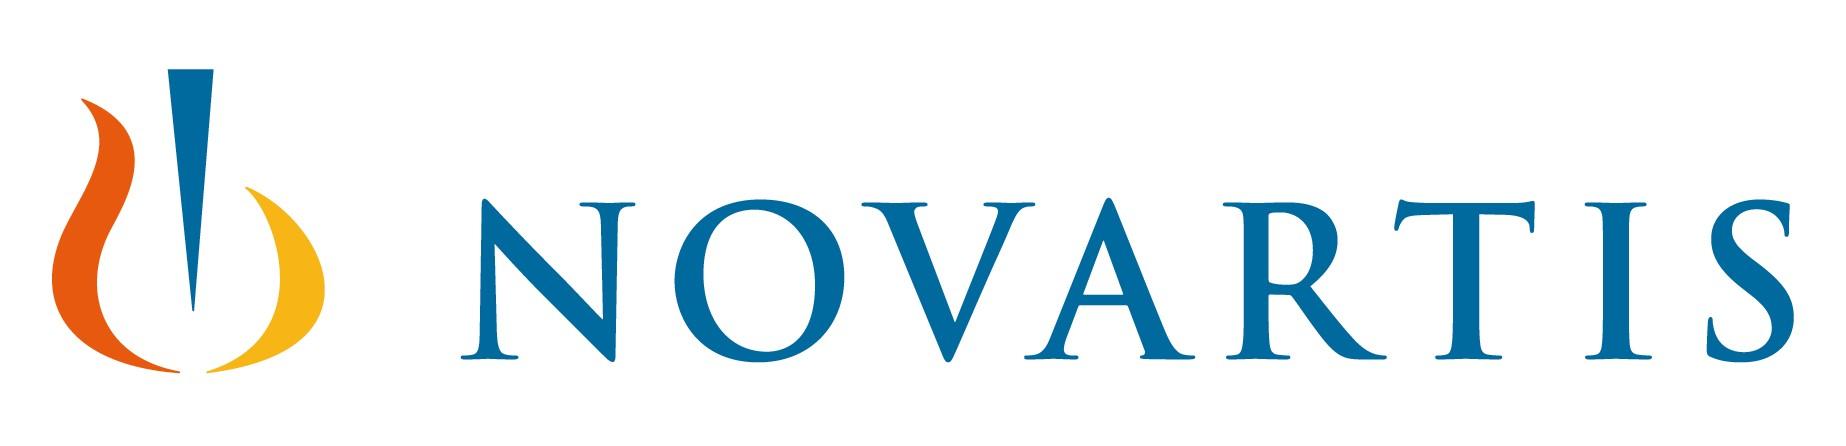 novartis3-07